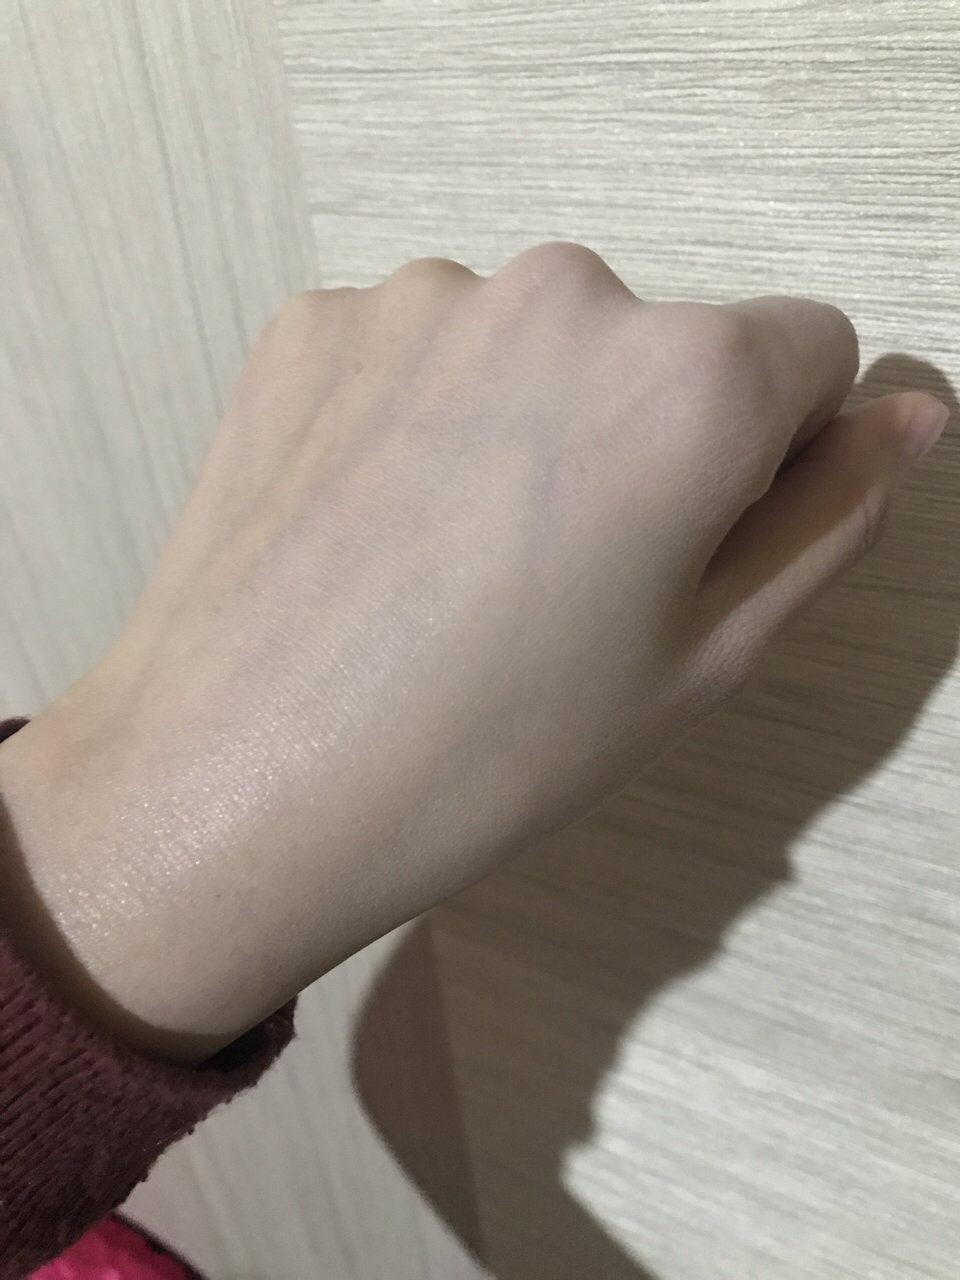 冬季干皮粉底救星⭐雅诗兰黛沁水粉底液🌟🌟🌟 首先说说肤